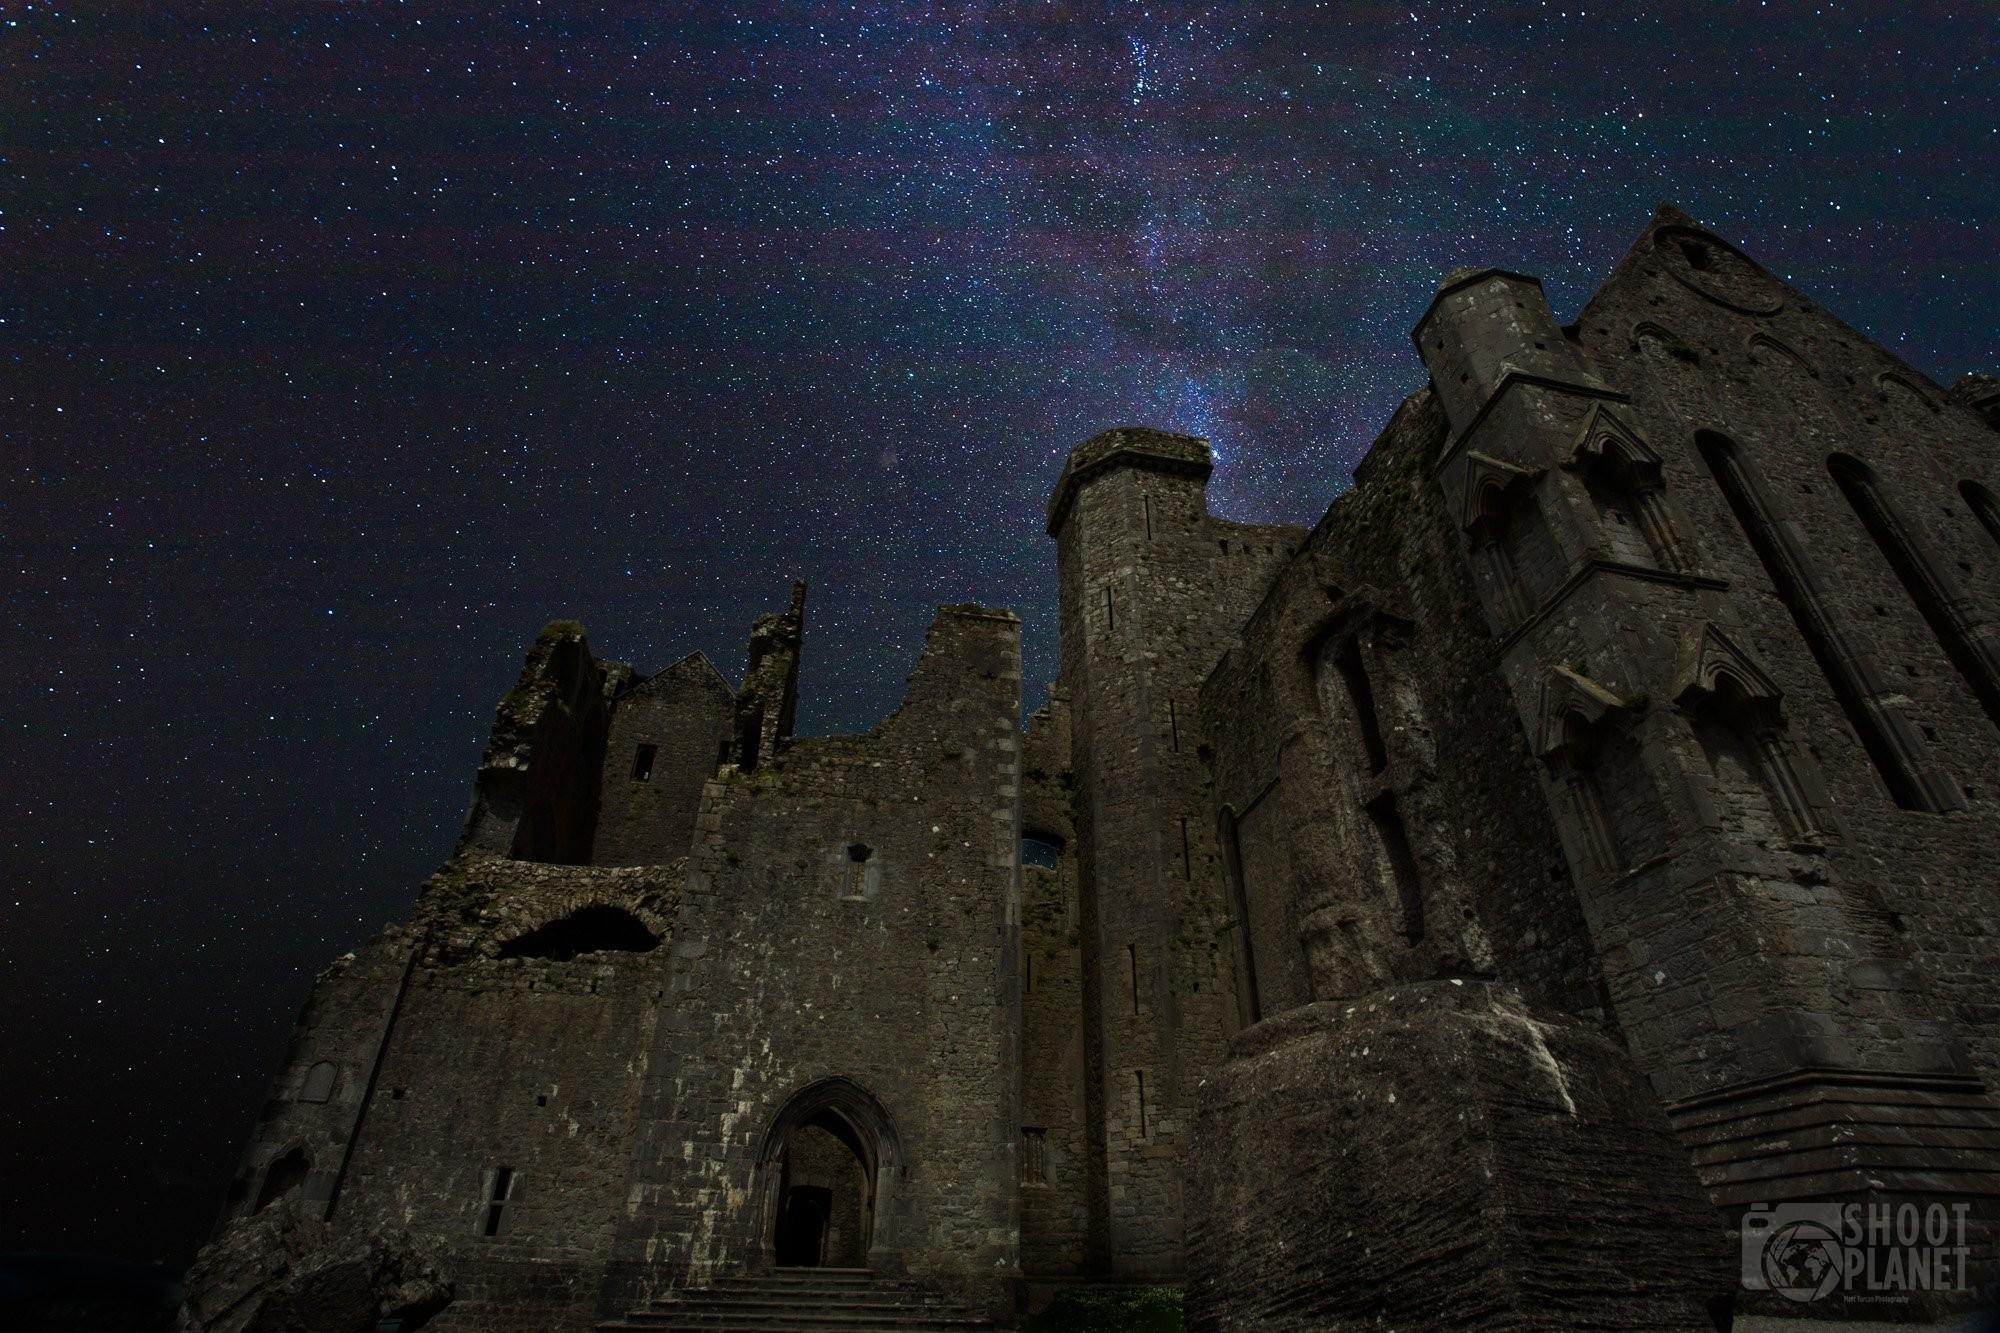 Rock of Cashel Milky Way, Ireland